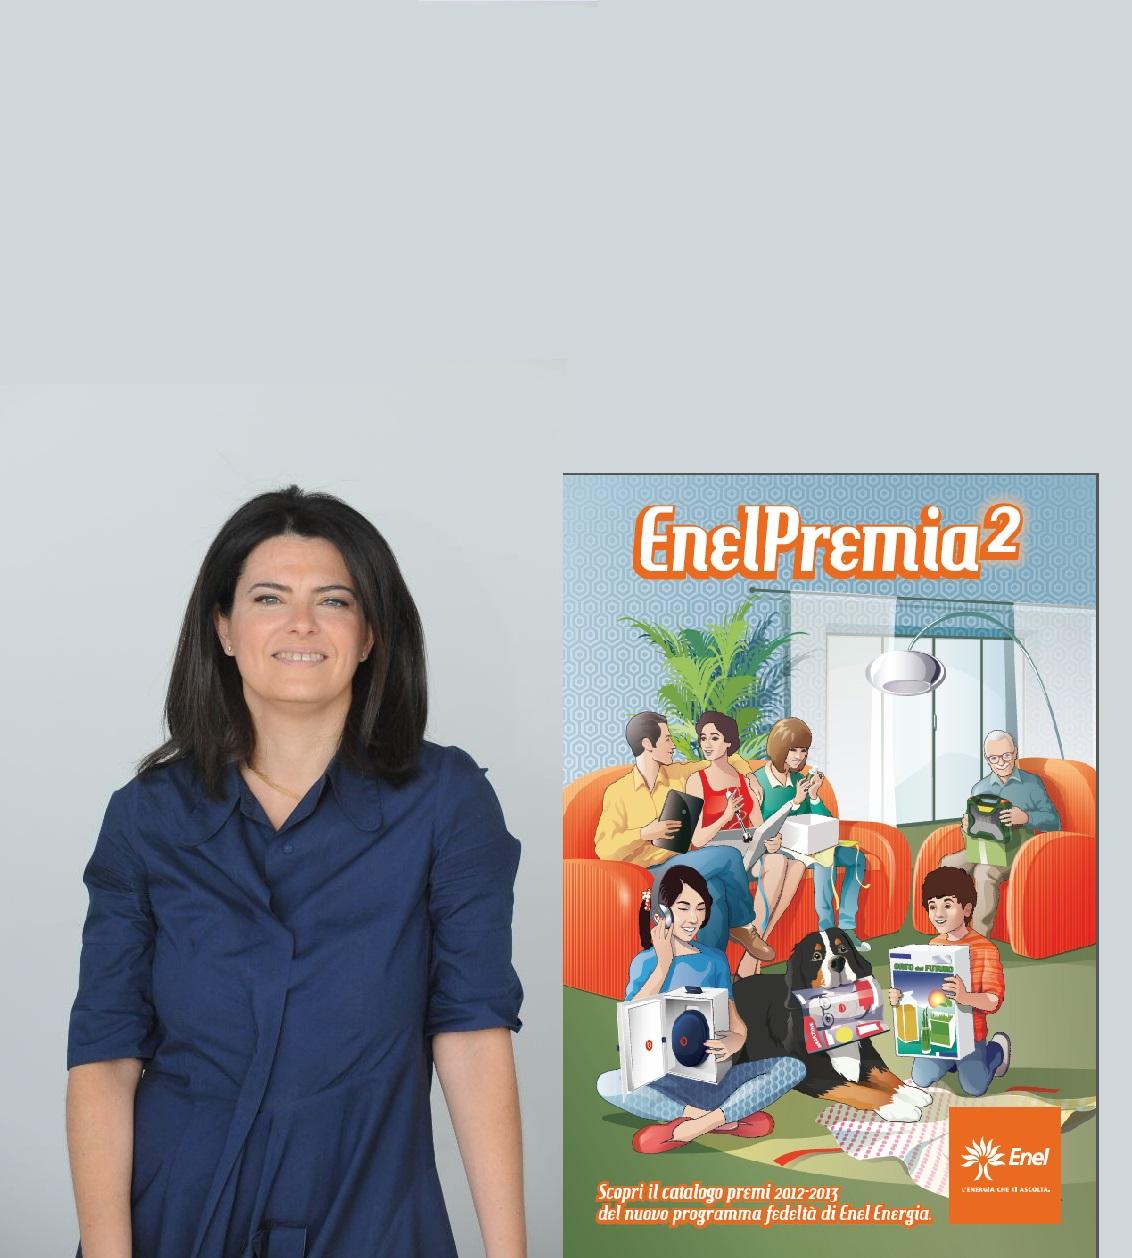 https://www.promotionmagazine.it/wp/wp-content/uploads/2013/07/Cattura.jpg